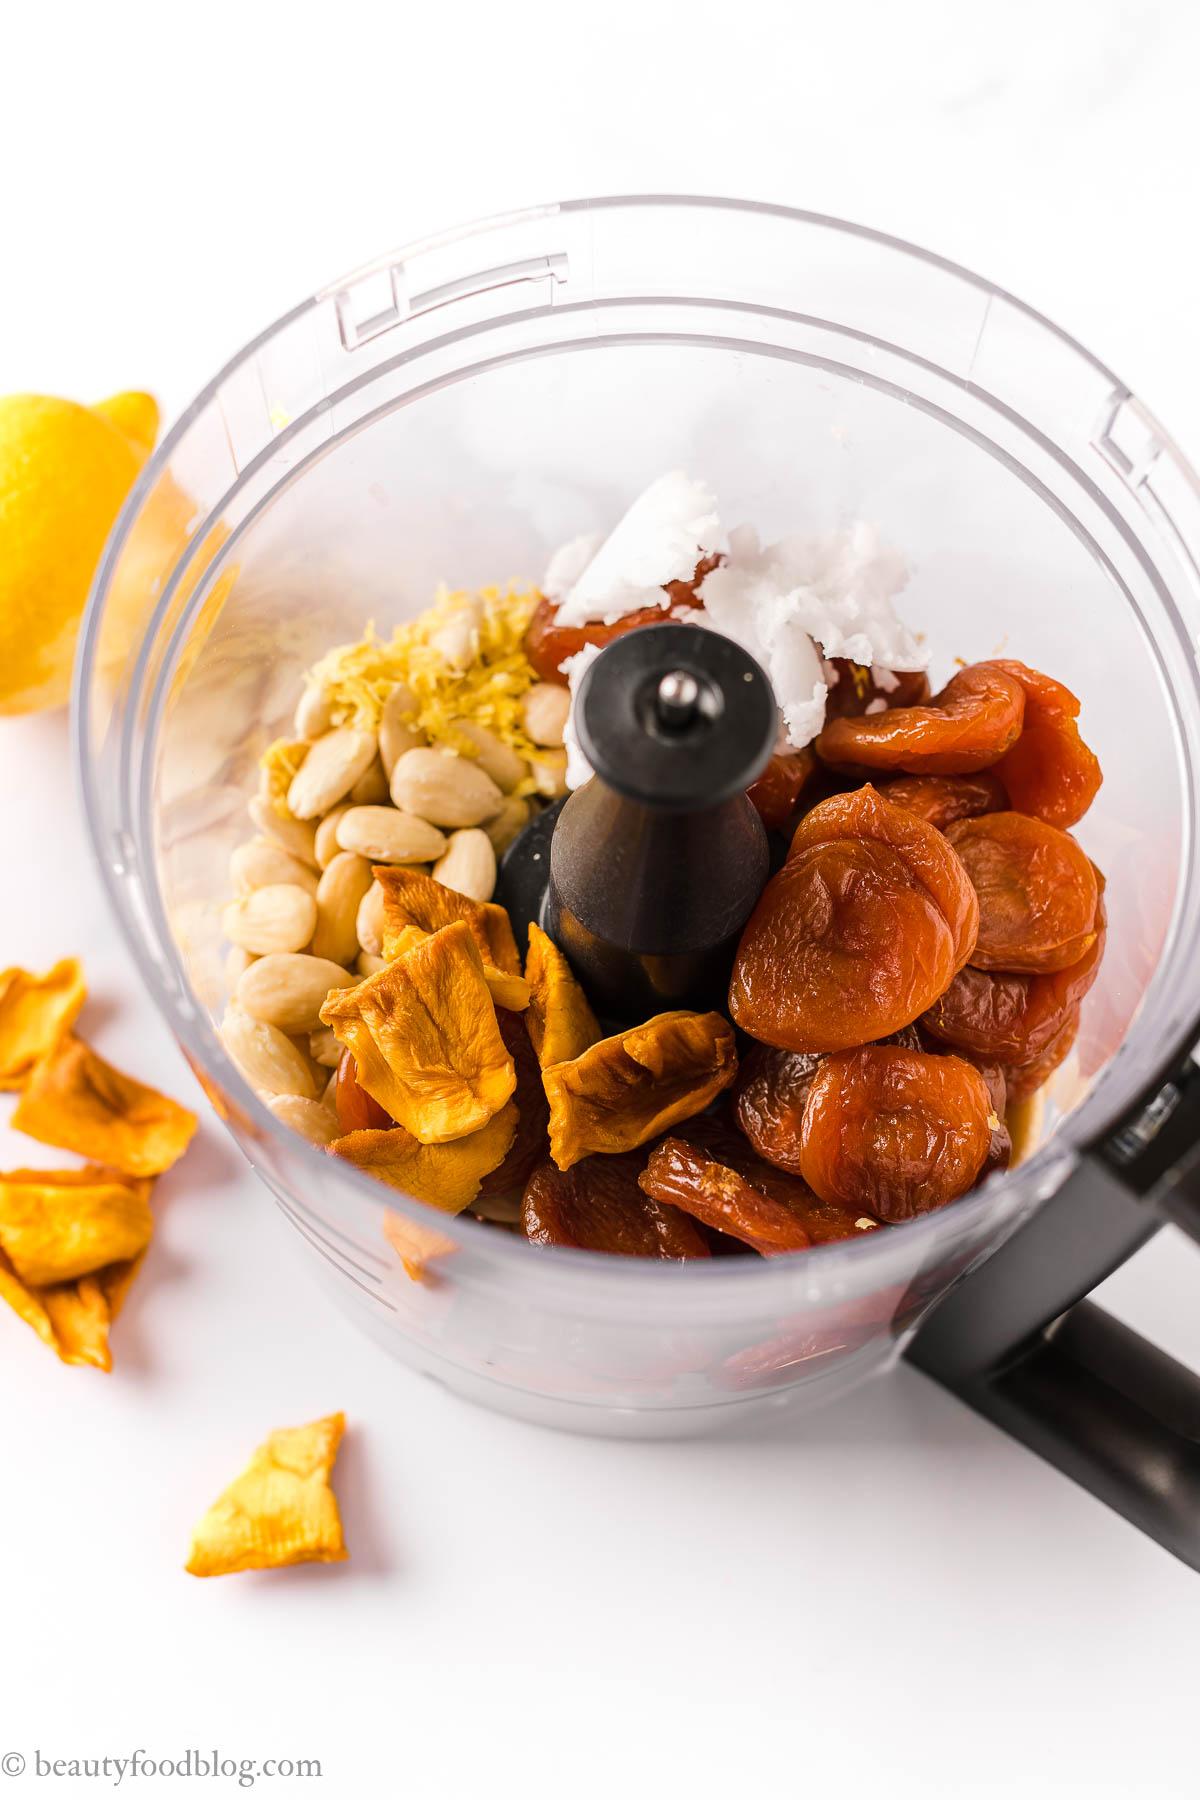 come fare le barrette energetiche alle albicocche e mandorle senza zucchero how to make apricot almond energy bars-sugar free